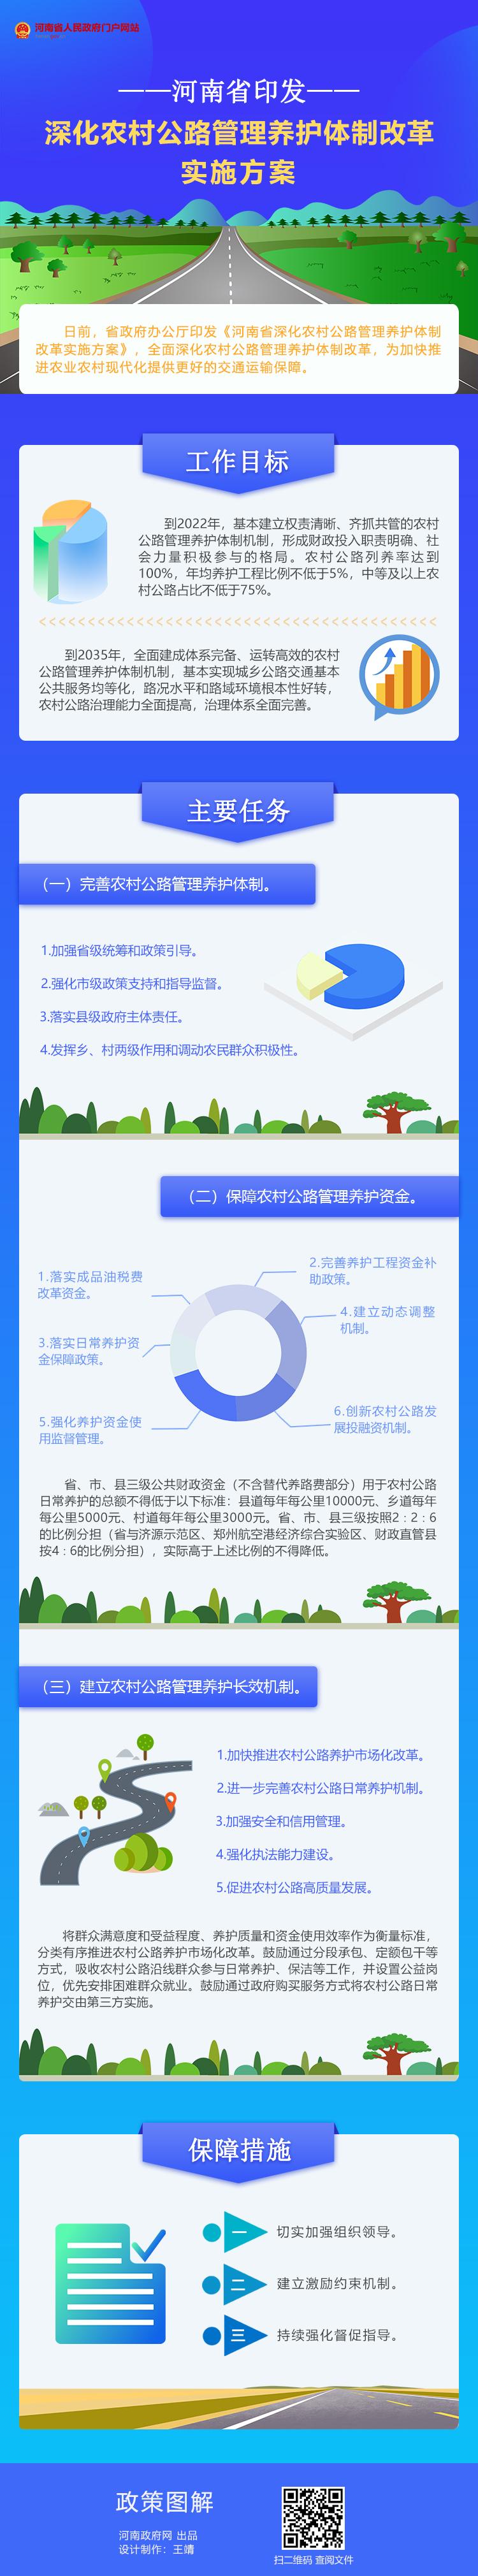 图解:河南印发深化农村公路管理养护体制改革实施方案